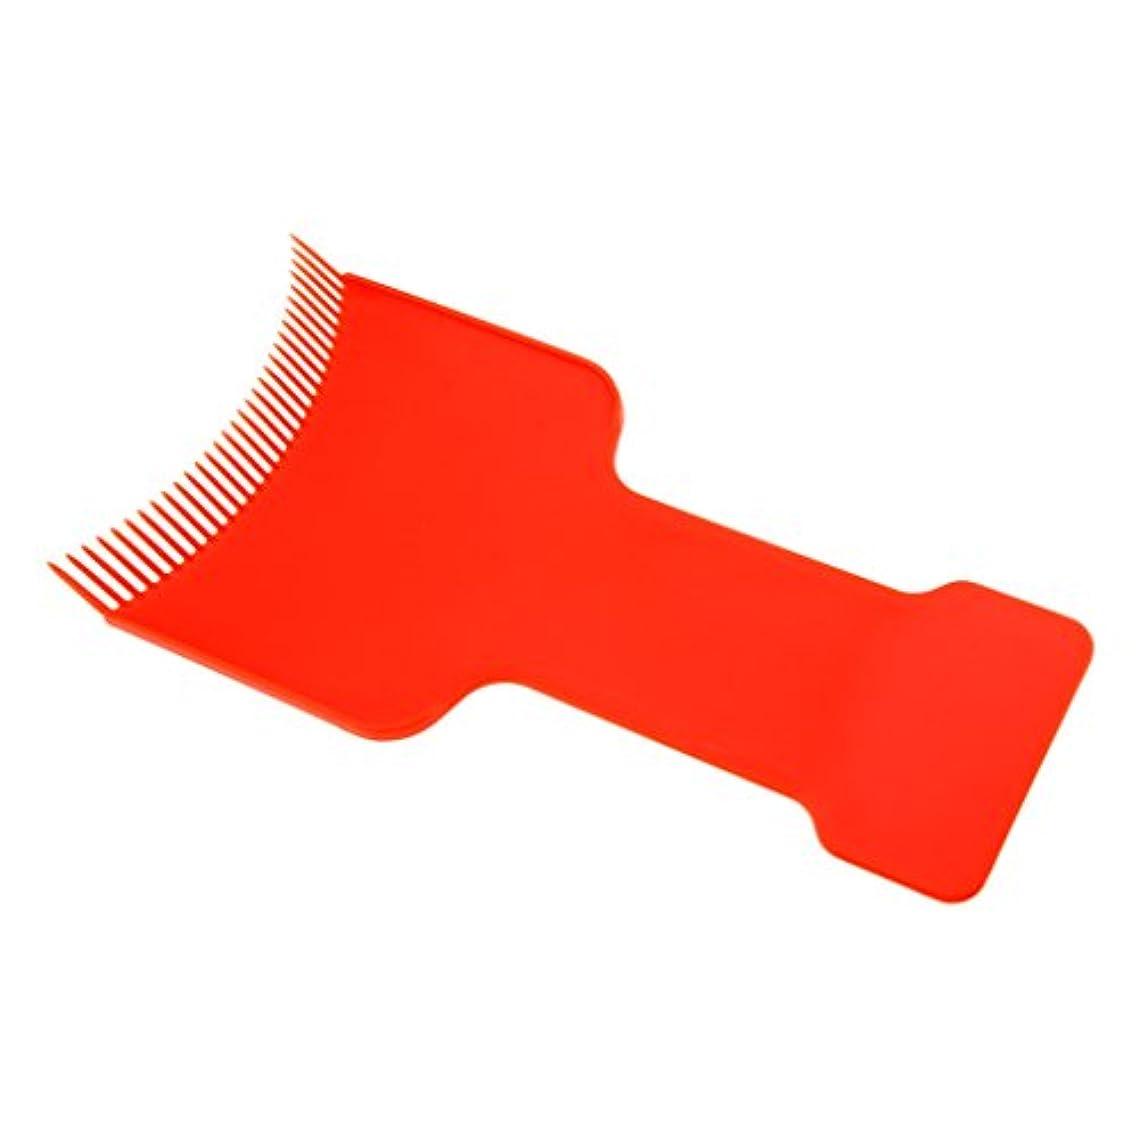 レタッチビルコークス染色ボード ヘアカラーボード ヘアダイコーム ヘアダイブラシ 髪染め ツール 清掃 簡単